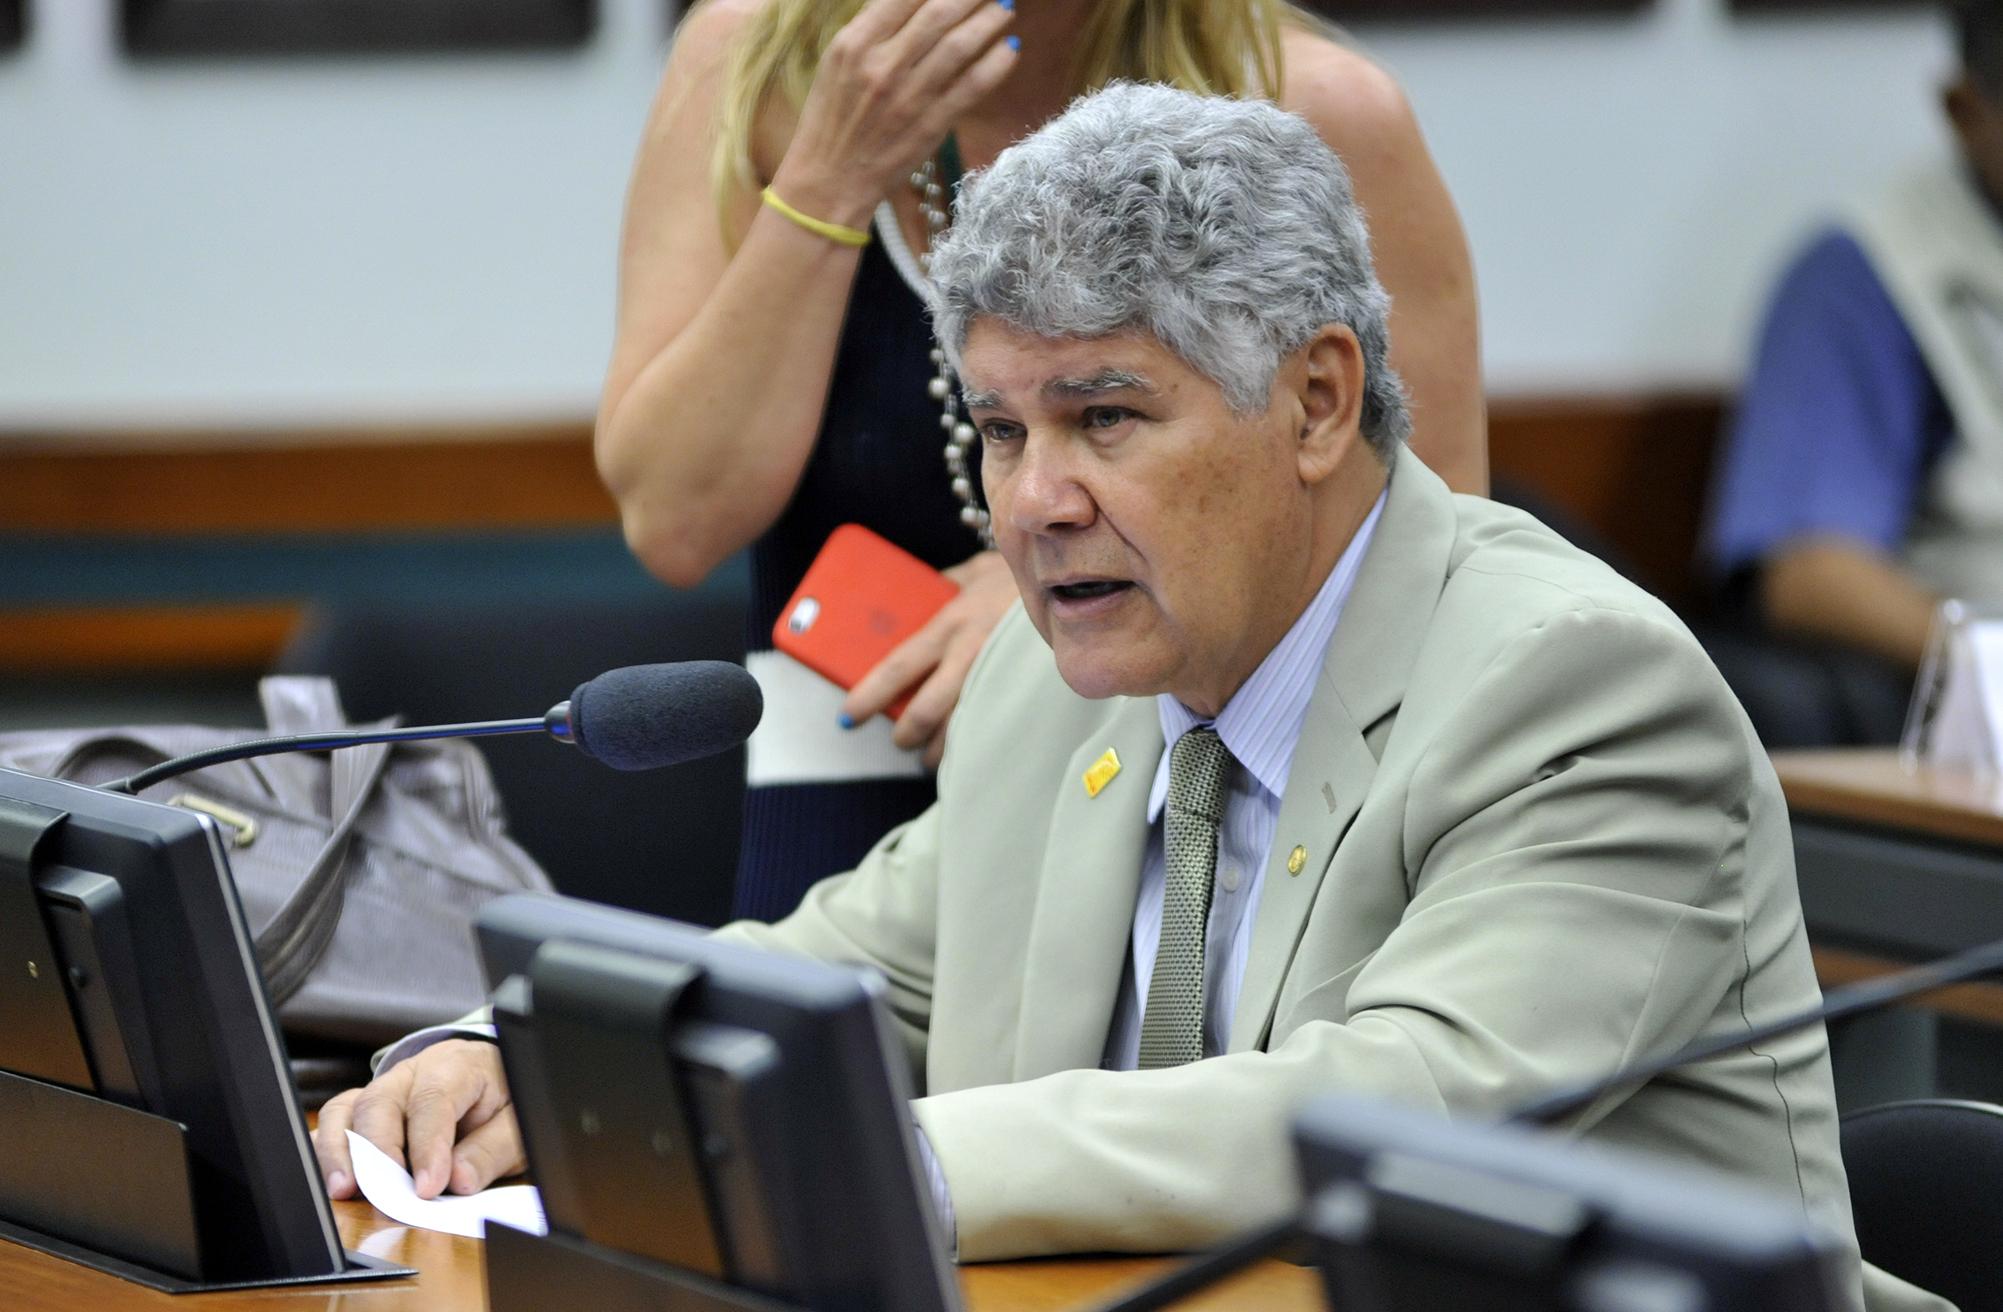 Reunião Ordinária. Dep. Chico Alencar (PSOL-RJ)